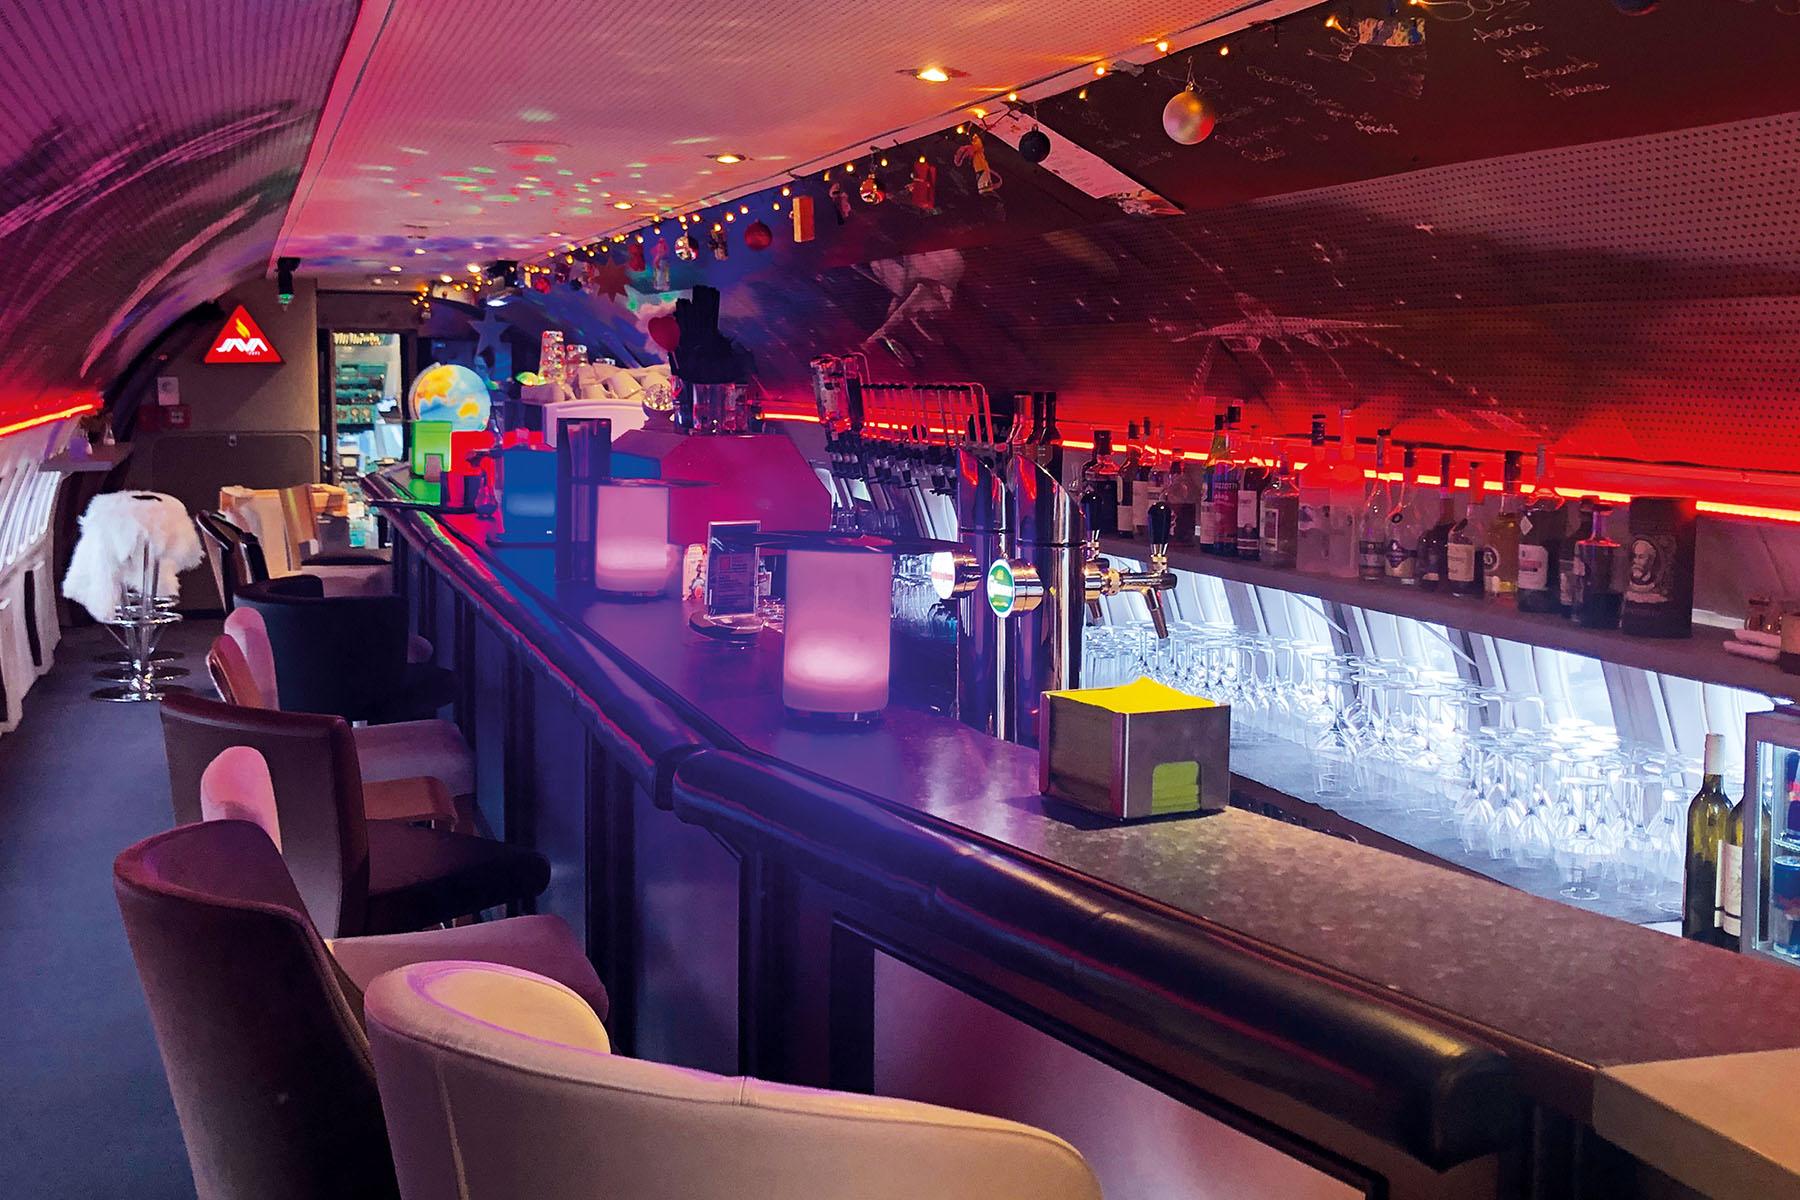 Vorlage_Slider_klein_1800x1200_72dpi_Qual8_0002__0008s_0010_d_a_80er Flieger Bar & Restaurant_Foto NOVAPARK